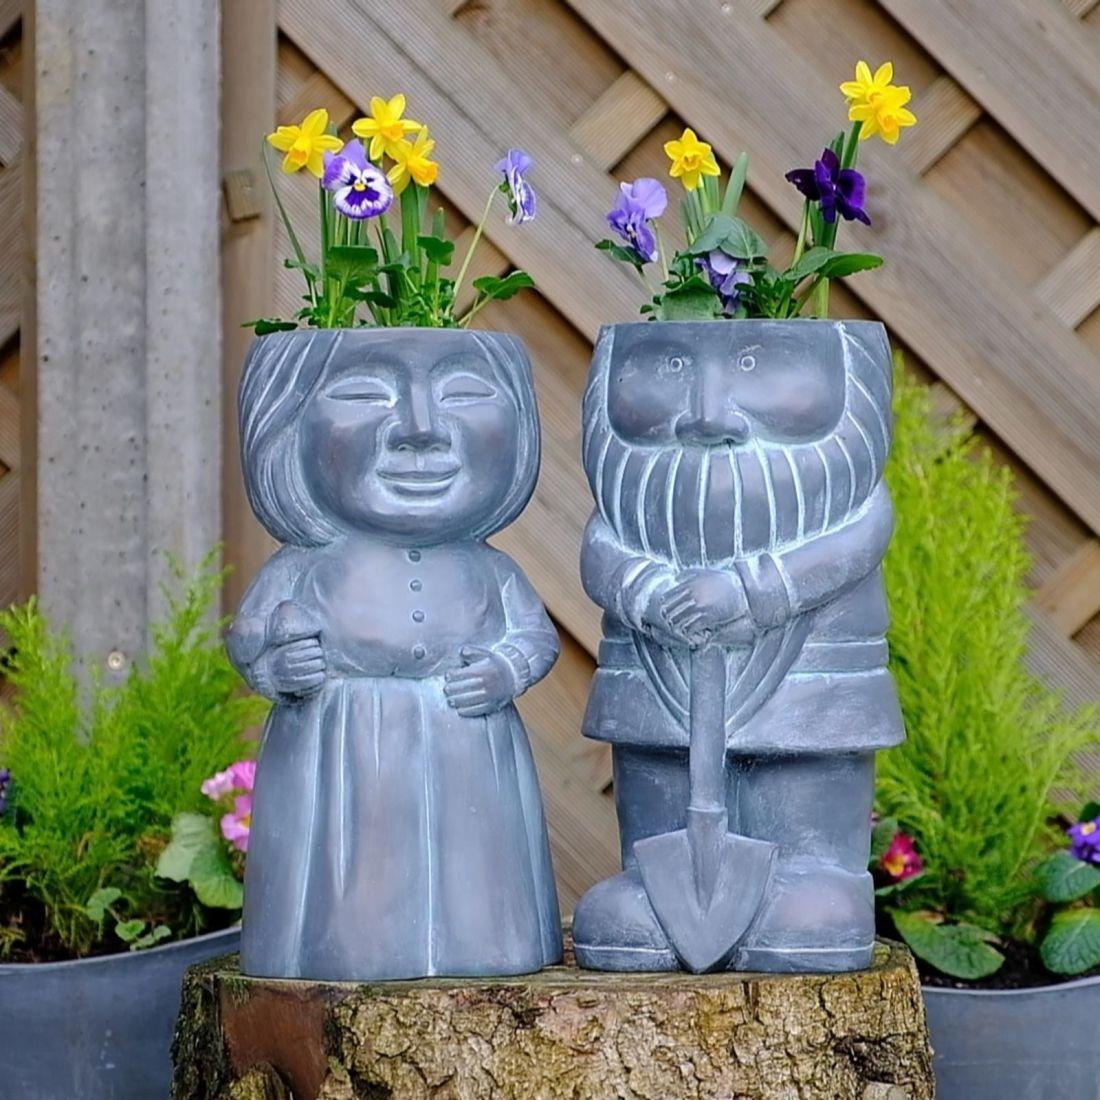 Gnome planter set